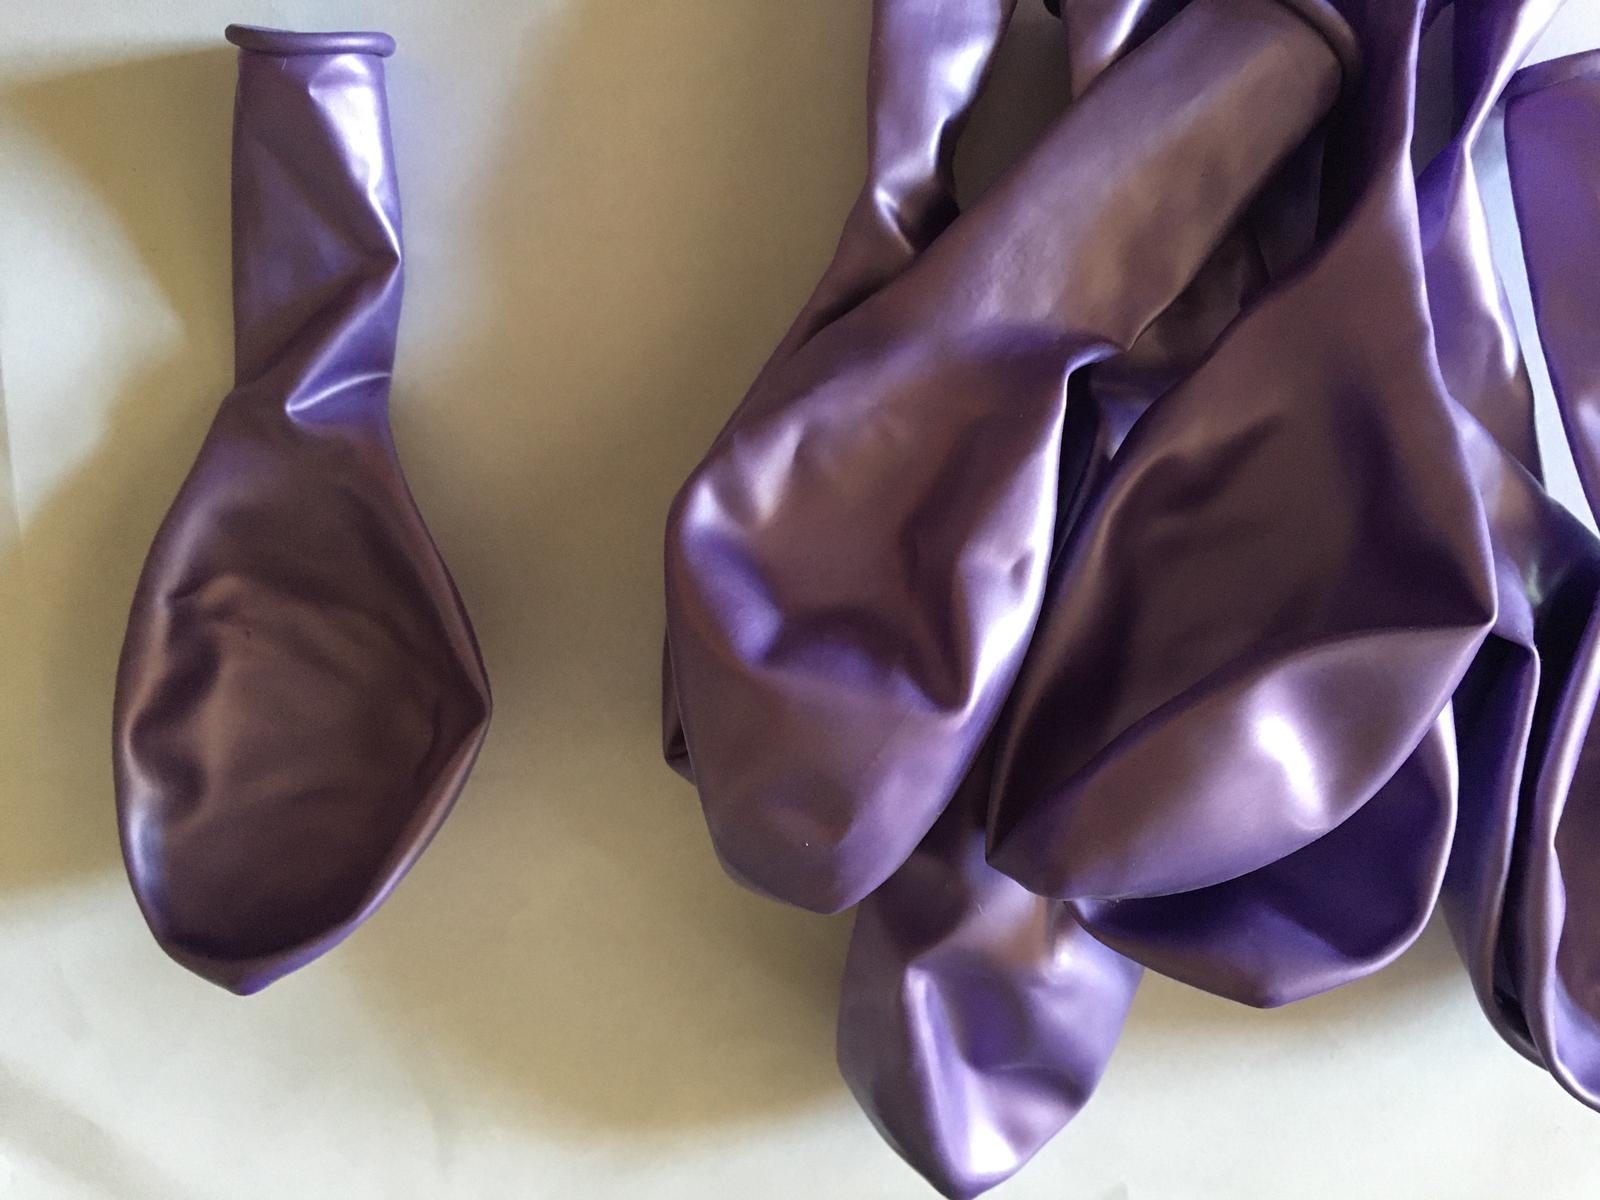 Balónek fialový metalický průměr cca 25 cm NOVÉ 10 ks - Obrázek č. 1